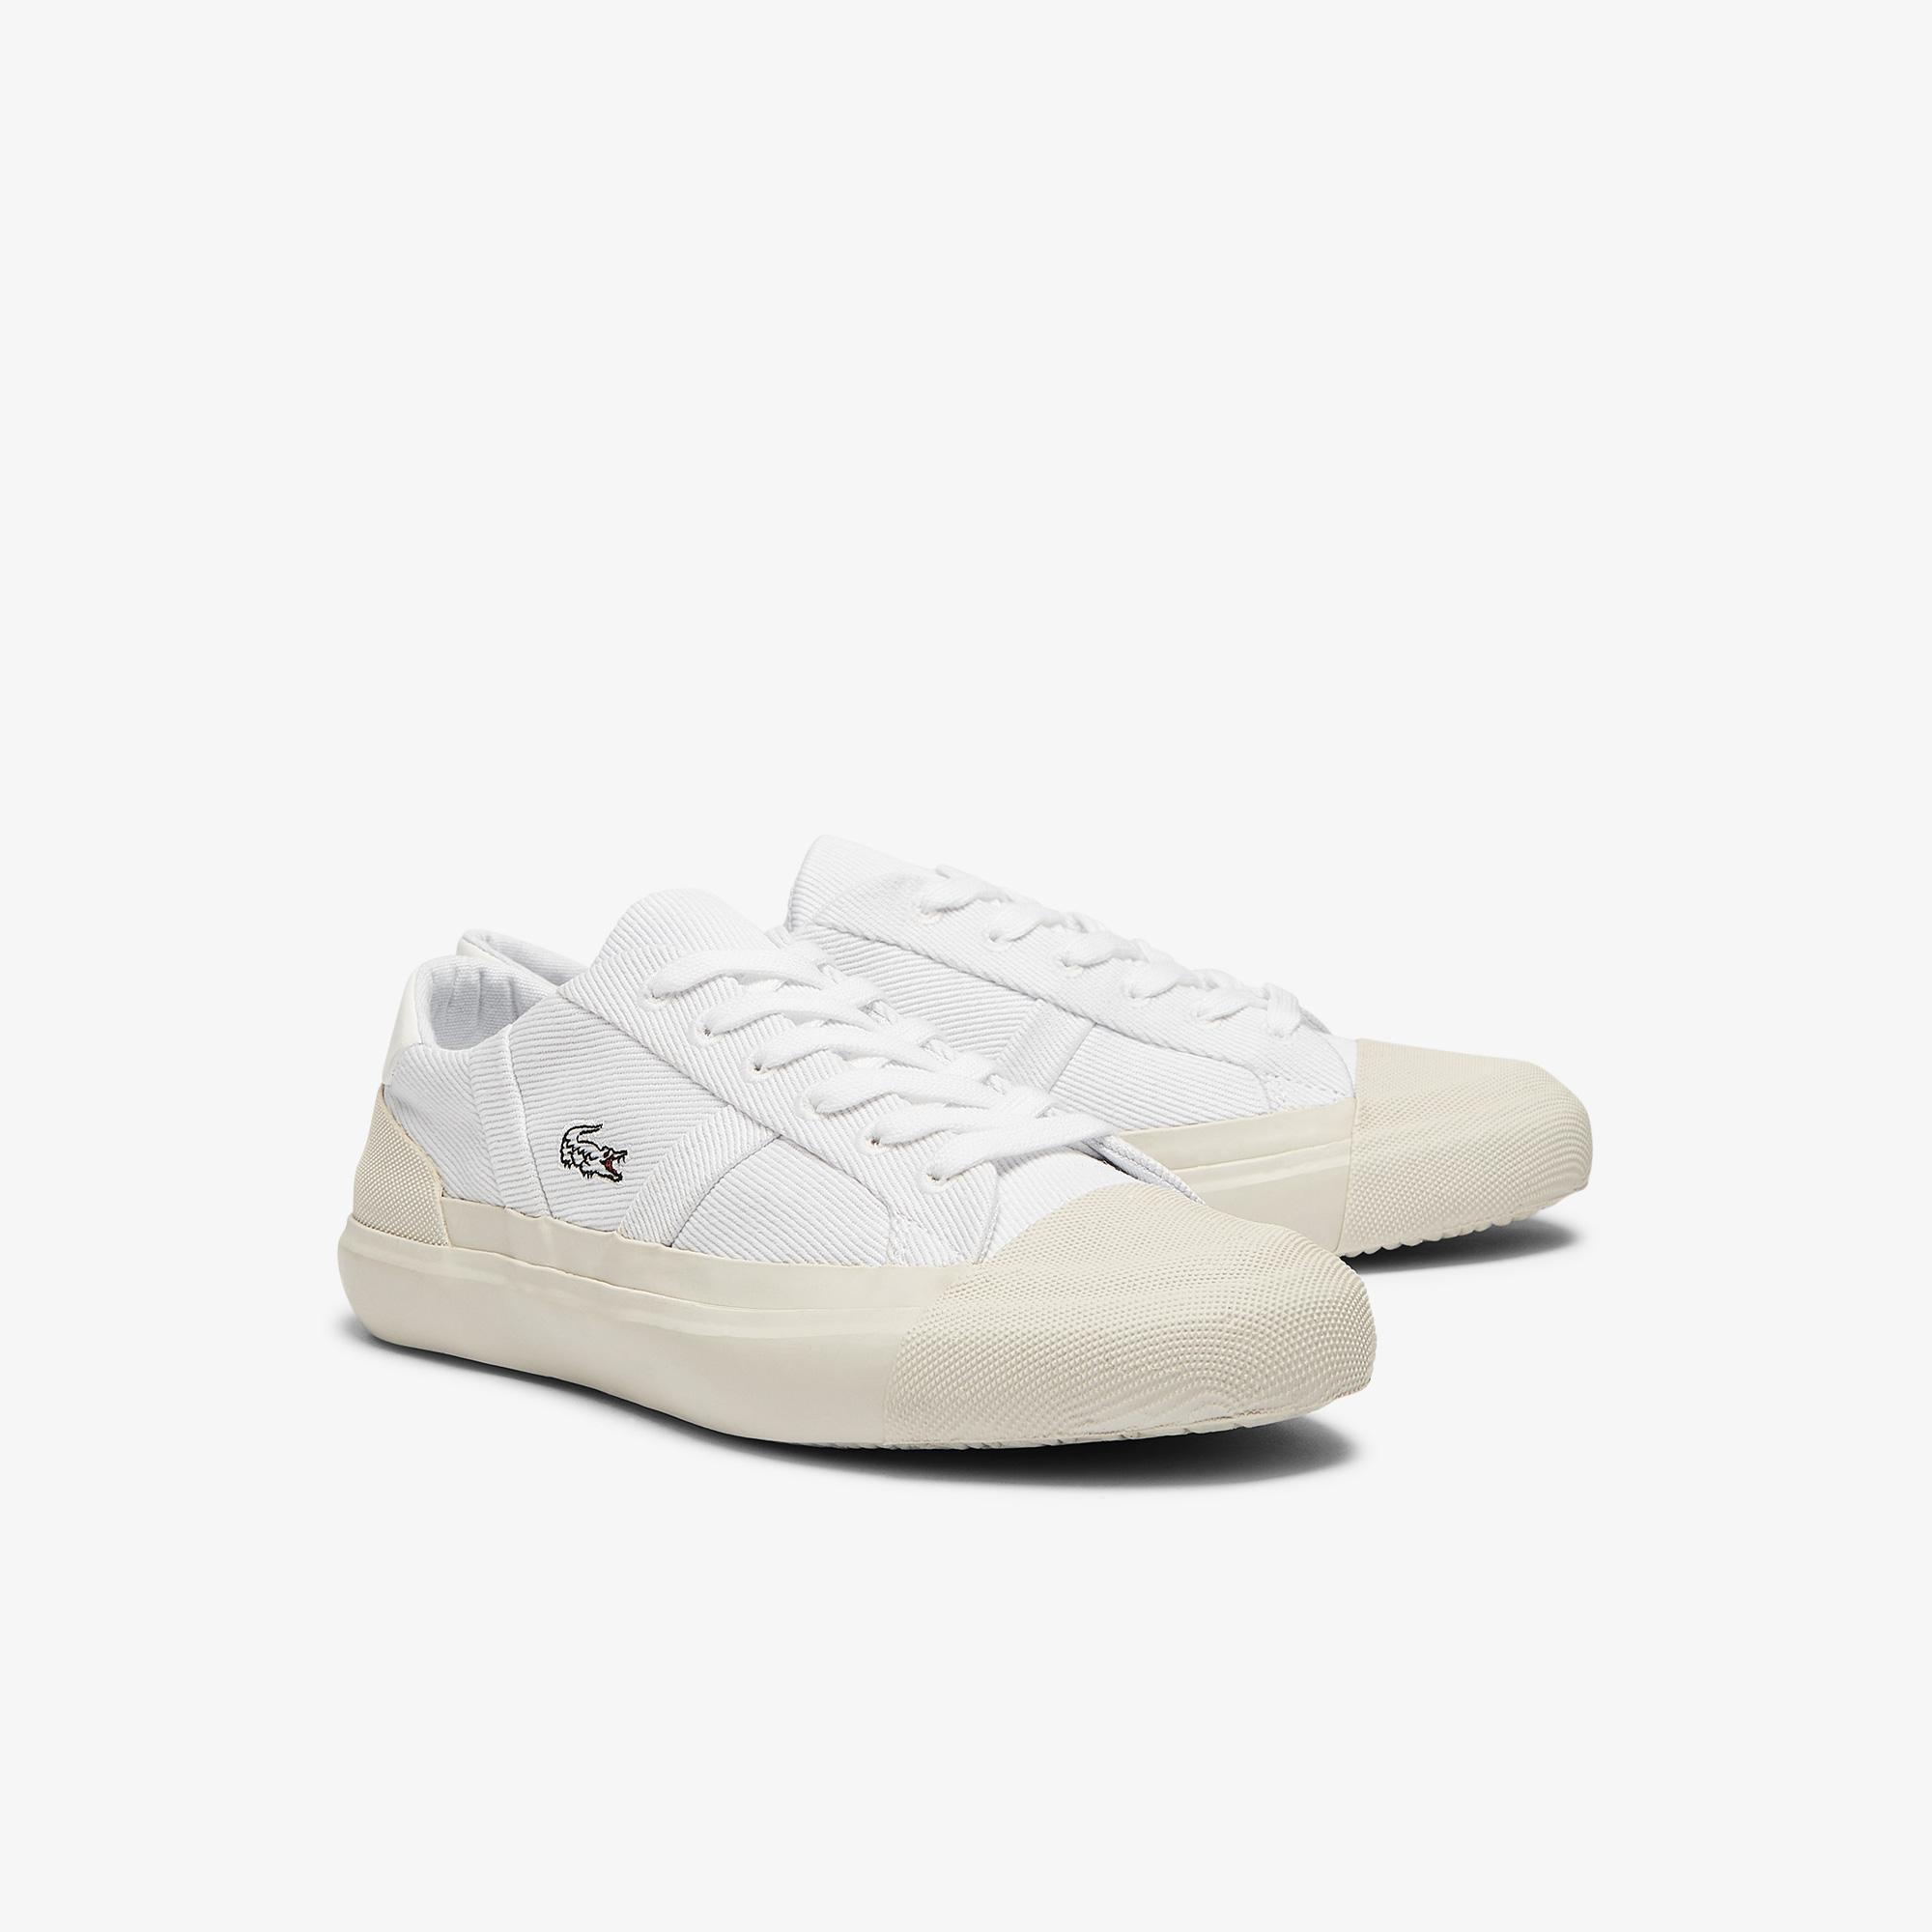 Lacoste Sideline 0921 1 Cfa Kadın Beyaz Sneaker